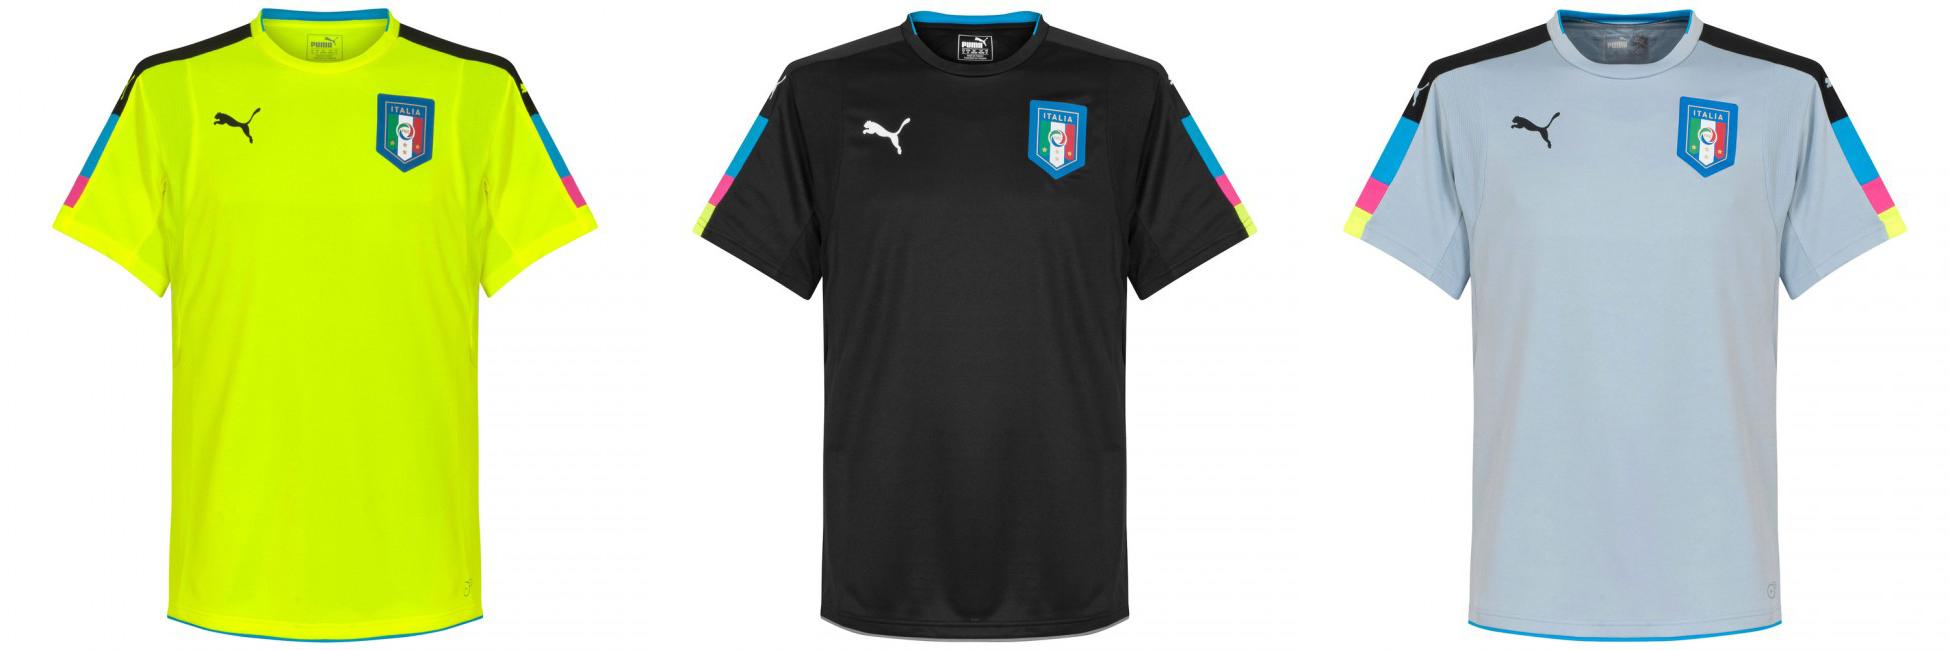 Вратарская форма сборной Италии 2016